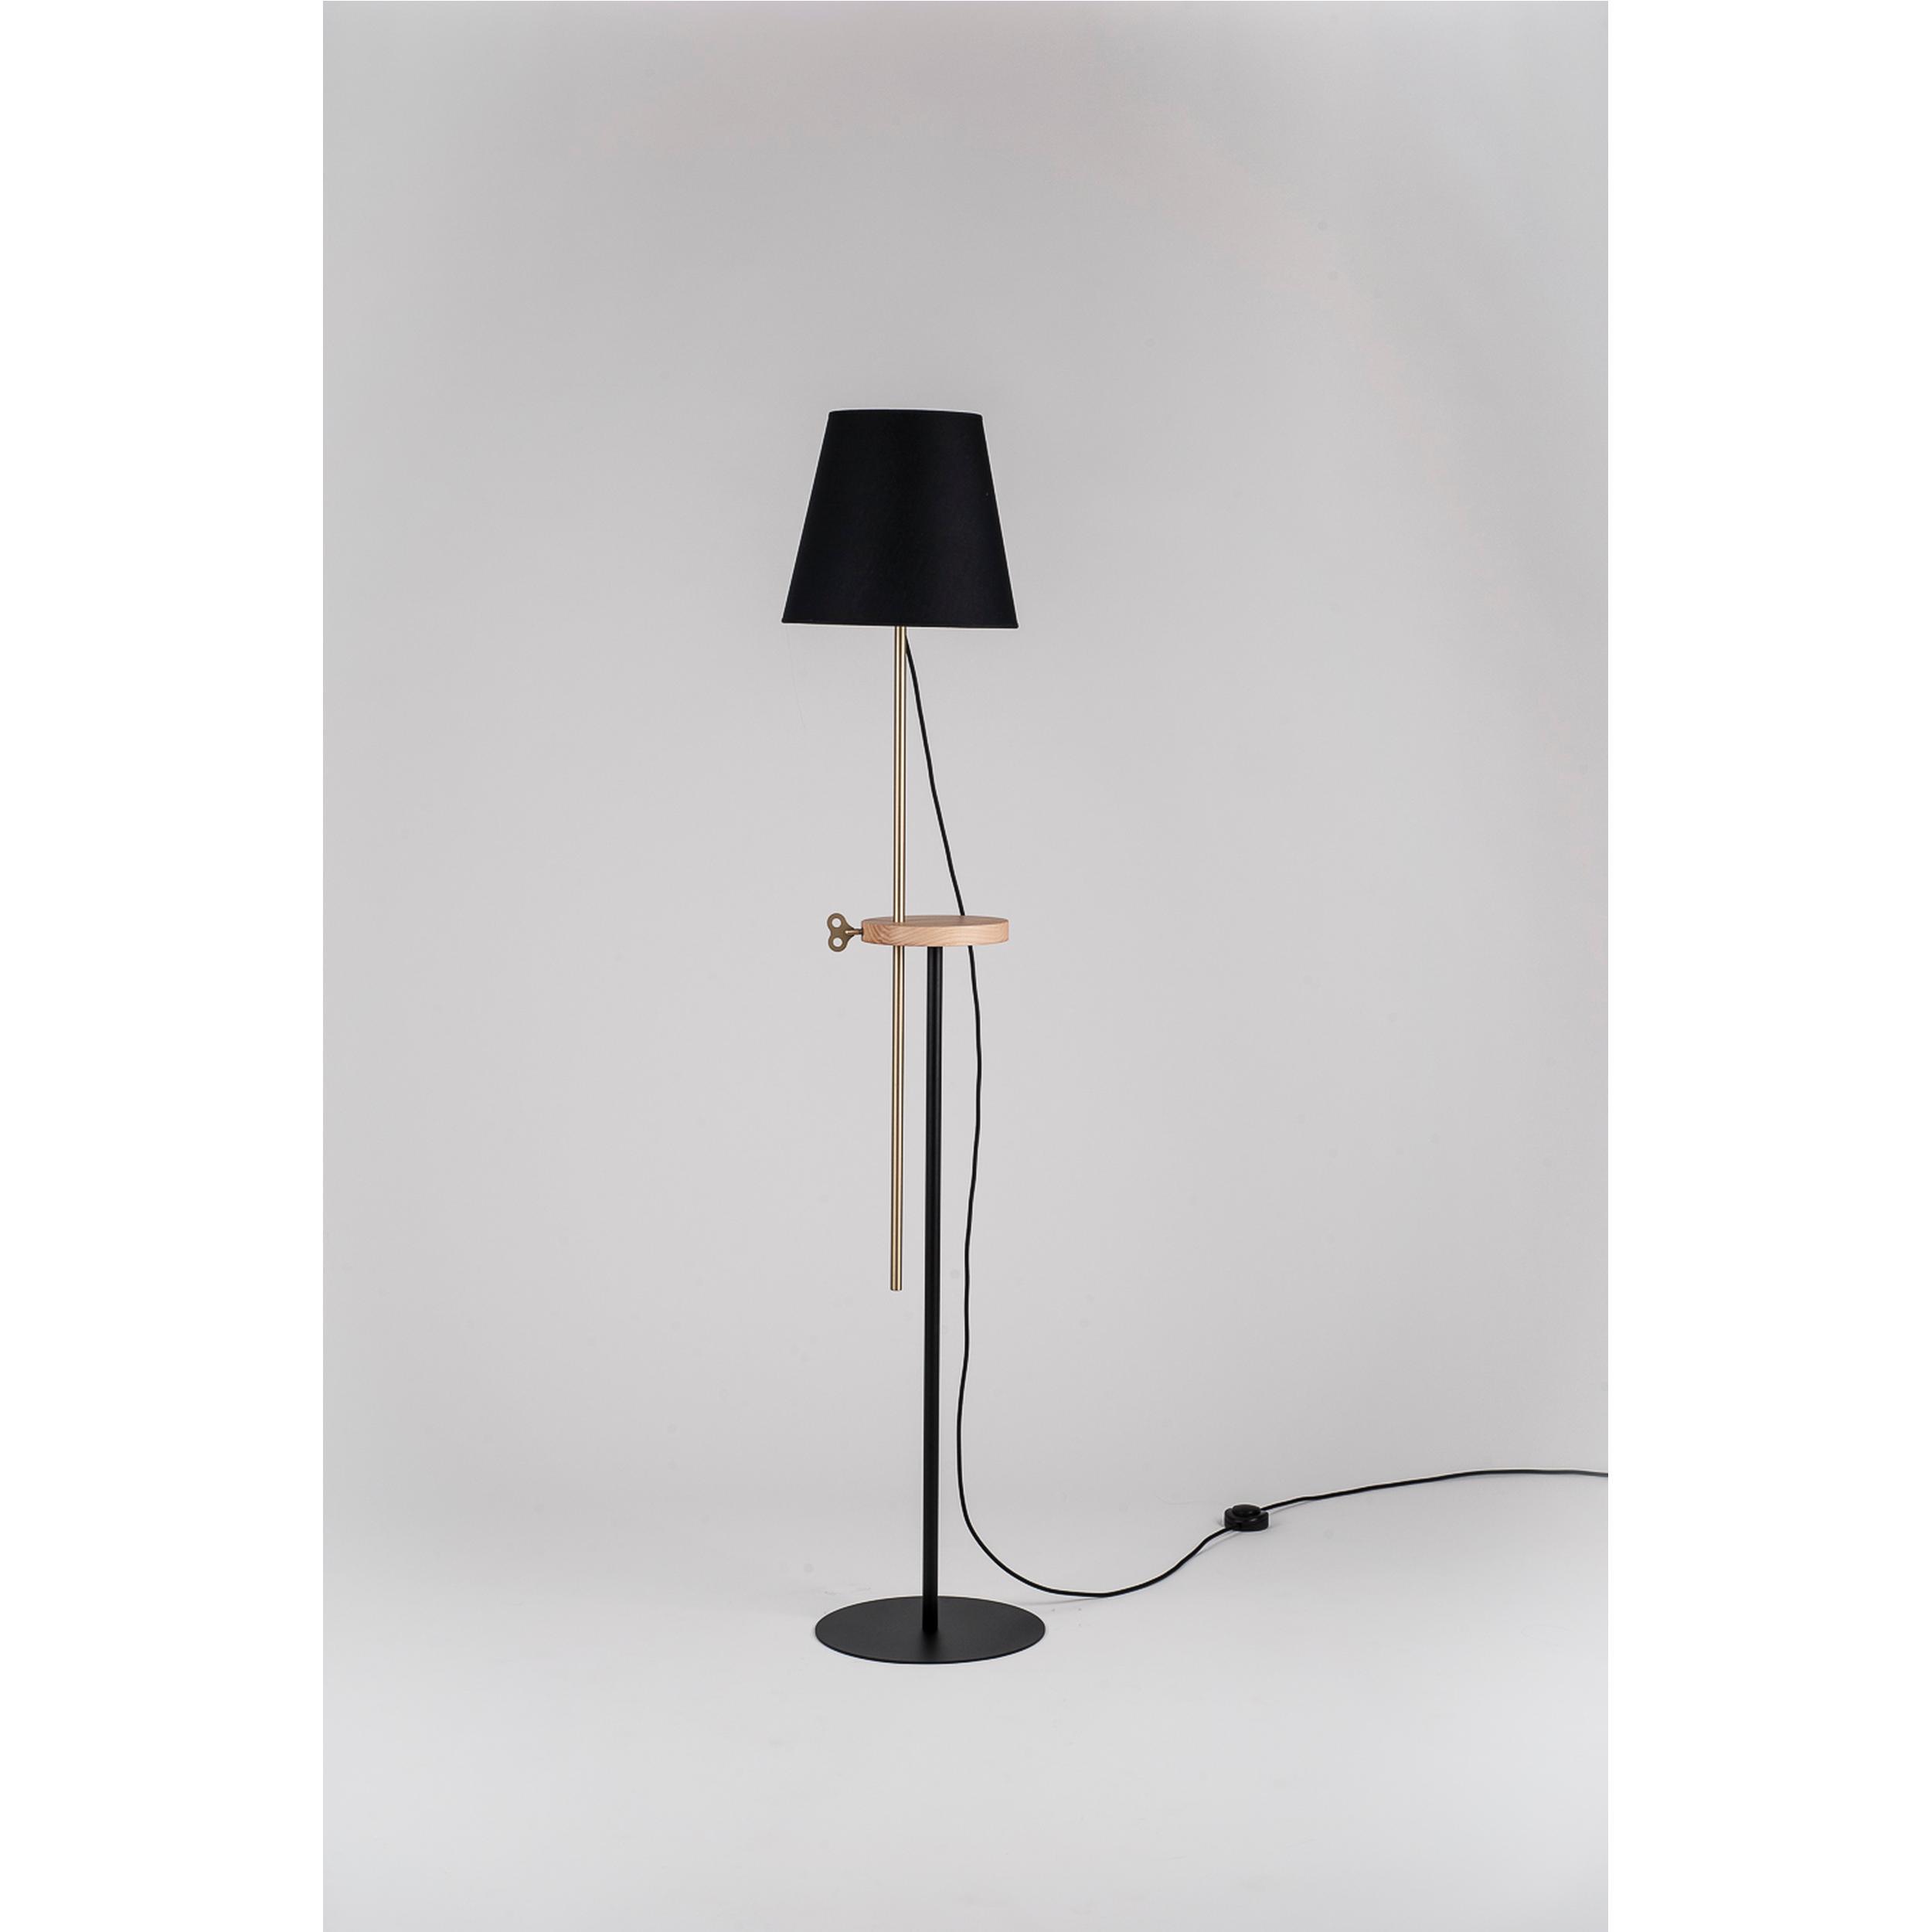 Lampada, piantana regolabile in altezza CAMILLA 30xh180 cm acciaio ,  frassino, ottone | FormAe